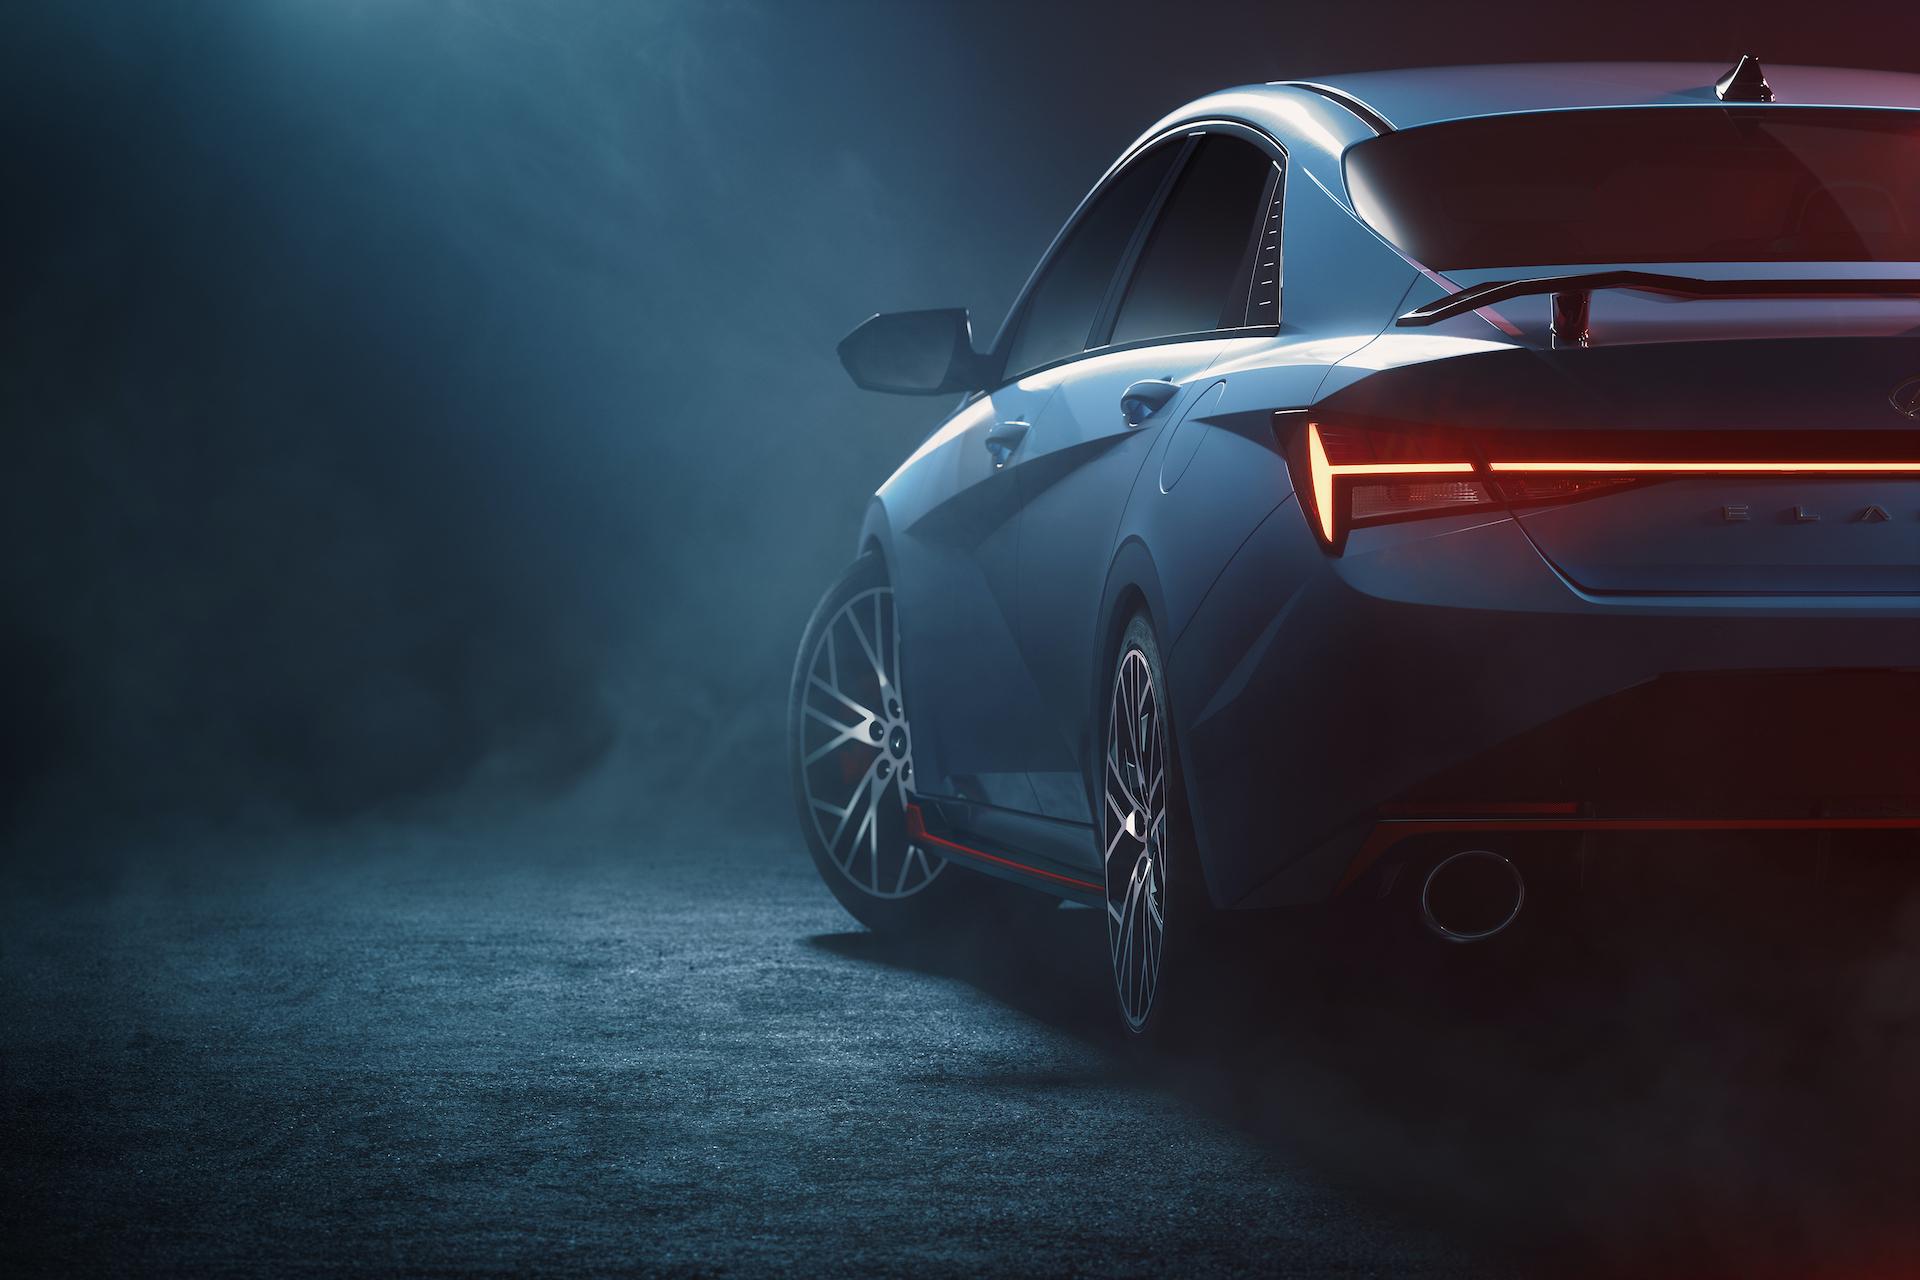 Hyundai teases Elantra N sport sedan